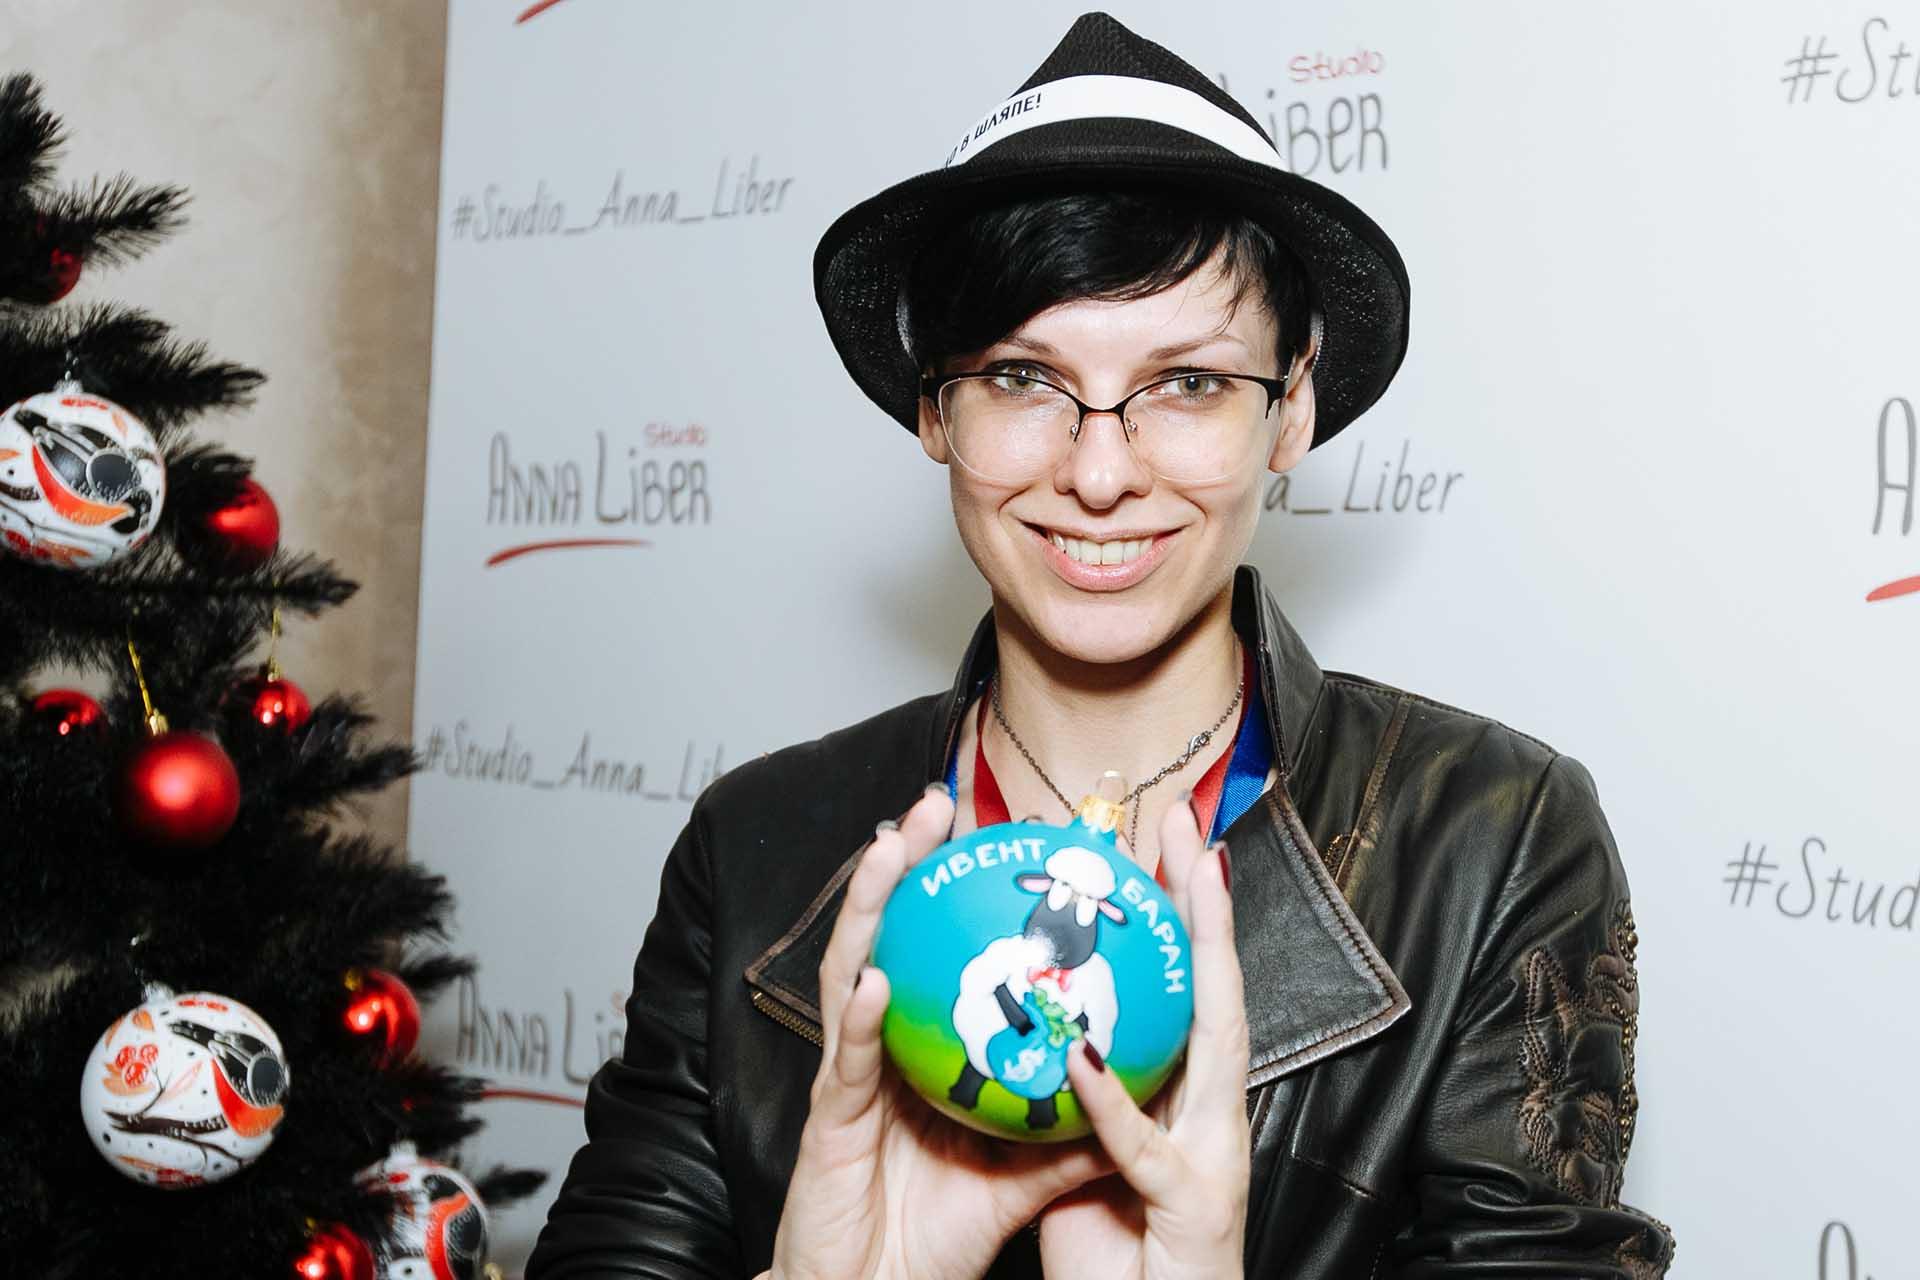 Анна Либер - основатель компании Studio Anna Liber